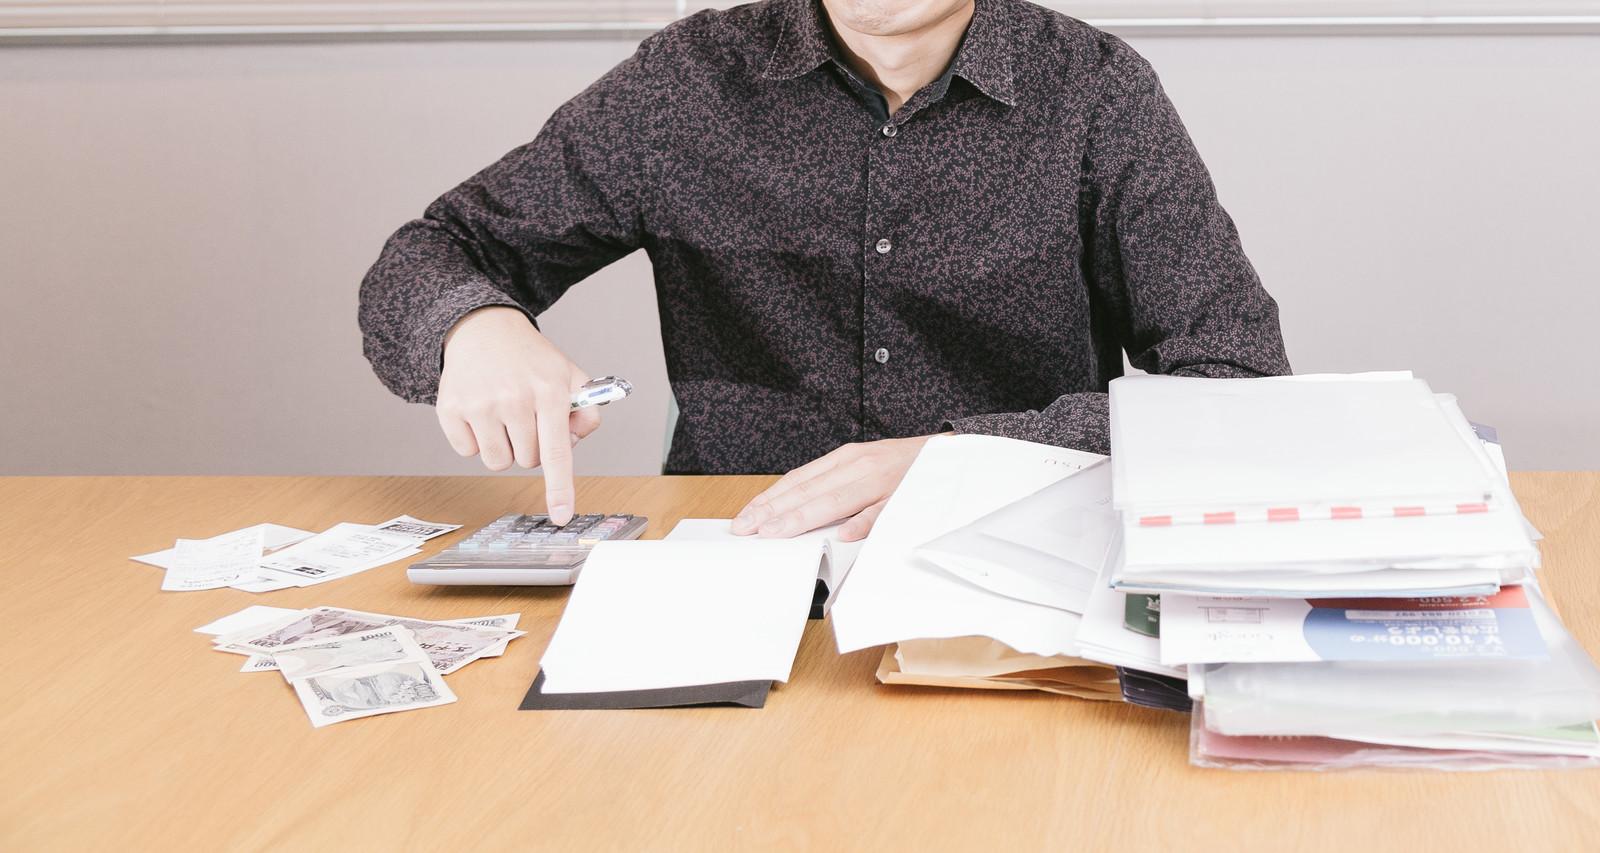 【個人・法人】バーチャルオフィスの利用料は確定申告で経費にできる?